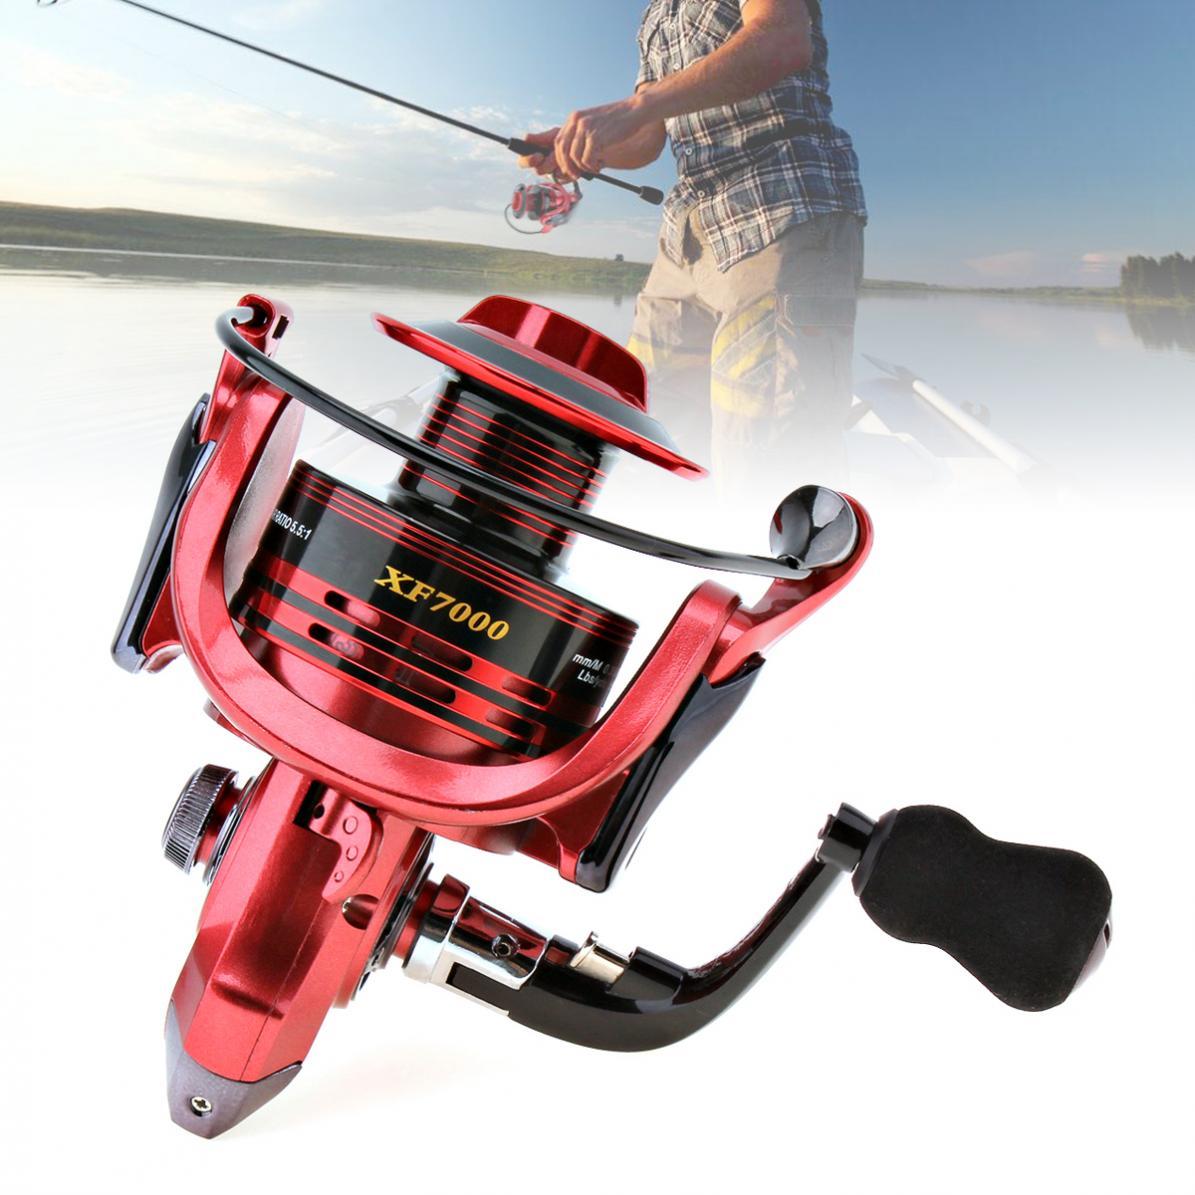 Serie 7000 13 + 1 rodamientos de bolas 4,7 1 carrete de pesca giratorio de brazo plegable totalmente metálico 3 colores opcionales con mango de EVA